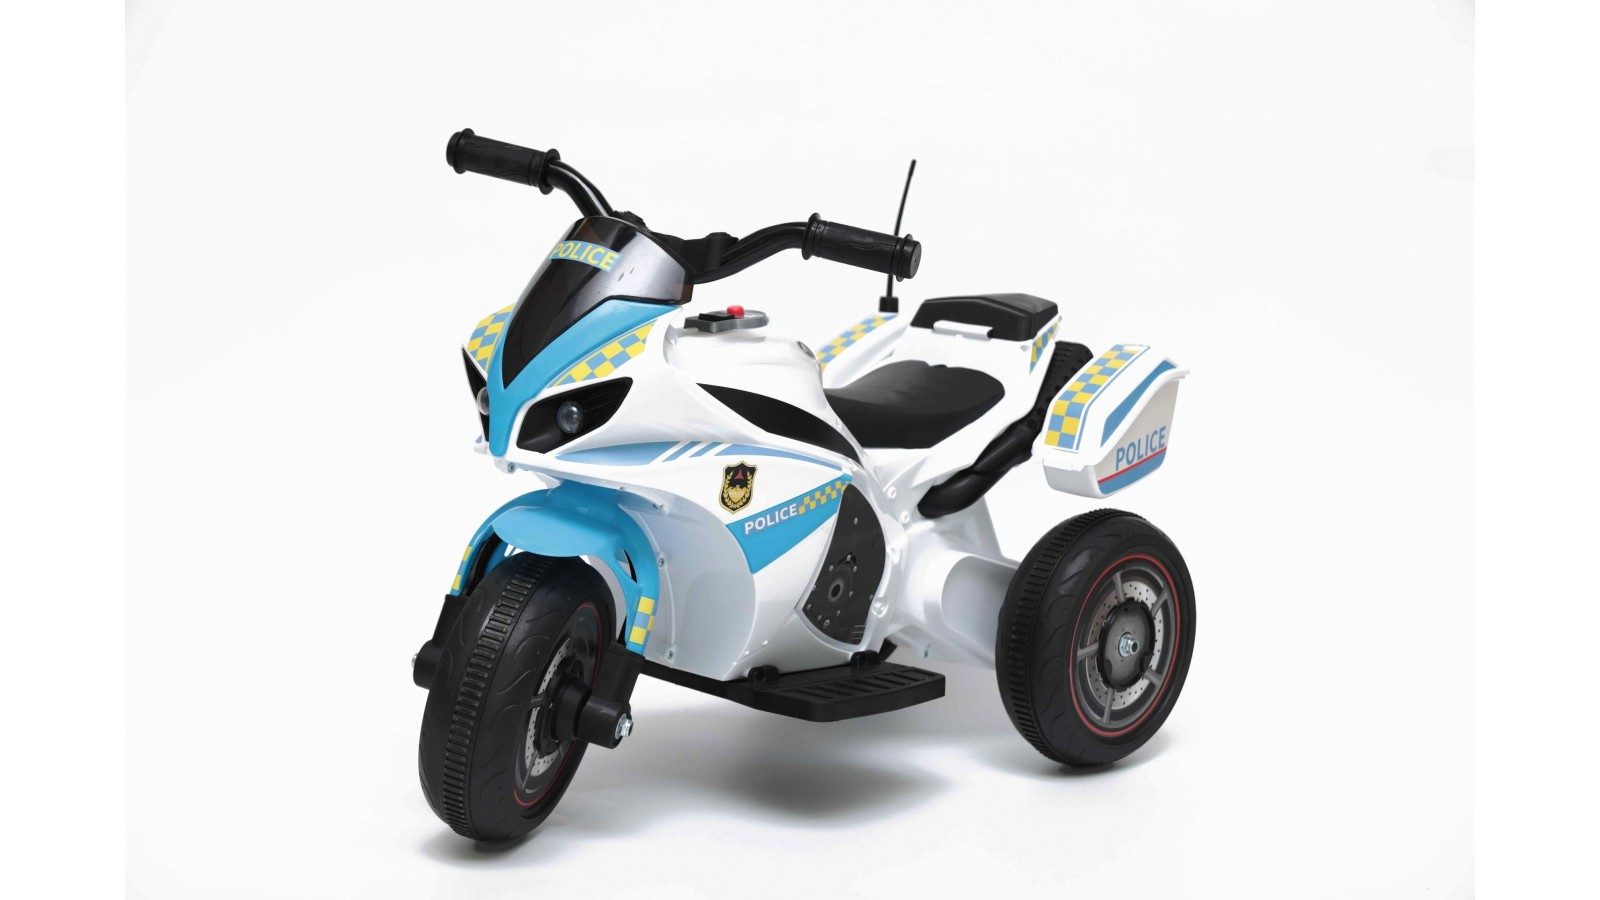 Moto Elettrica per bambini Polizia Blue con Musiche Luci Mp3 Marcia avanti e indietro accelleratore 3 ruote